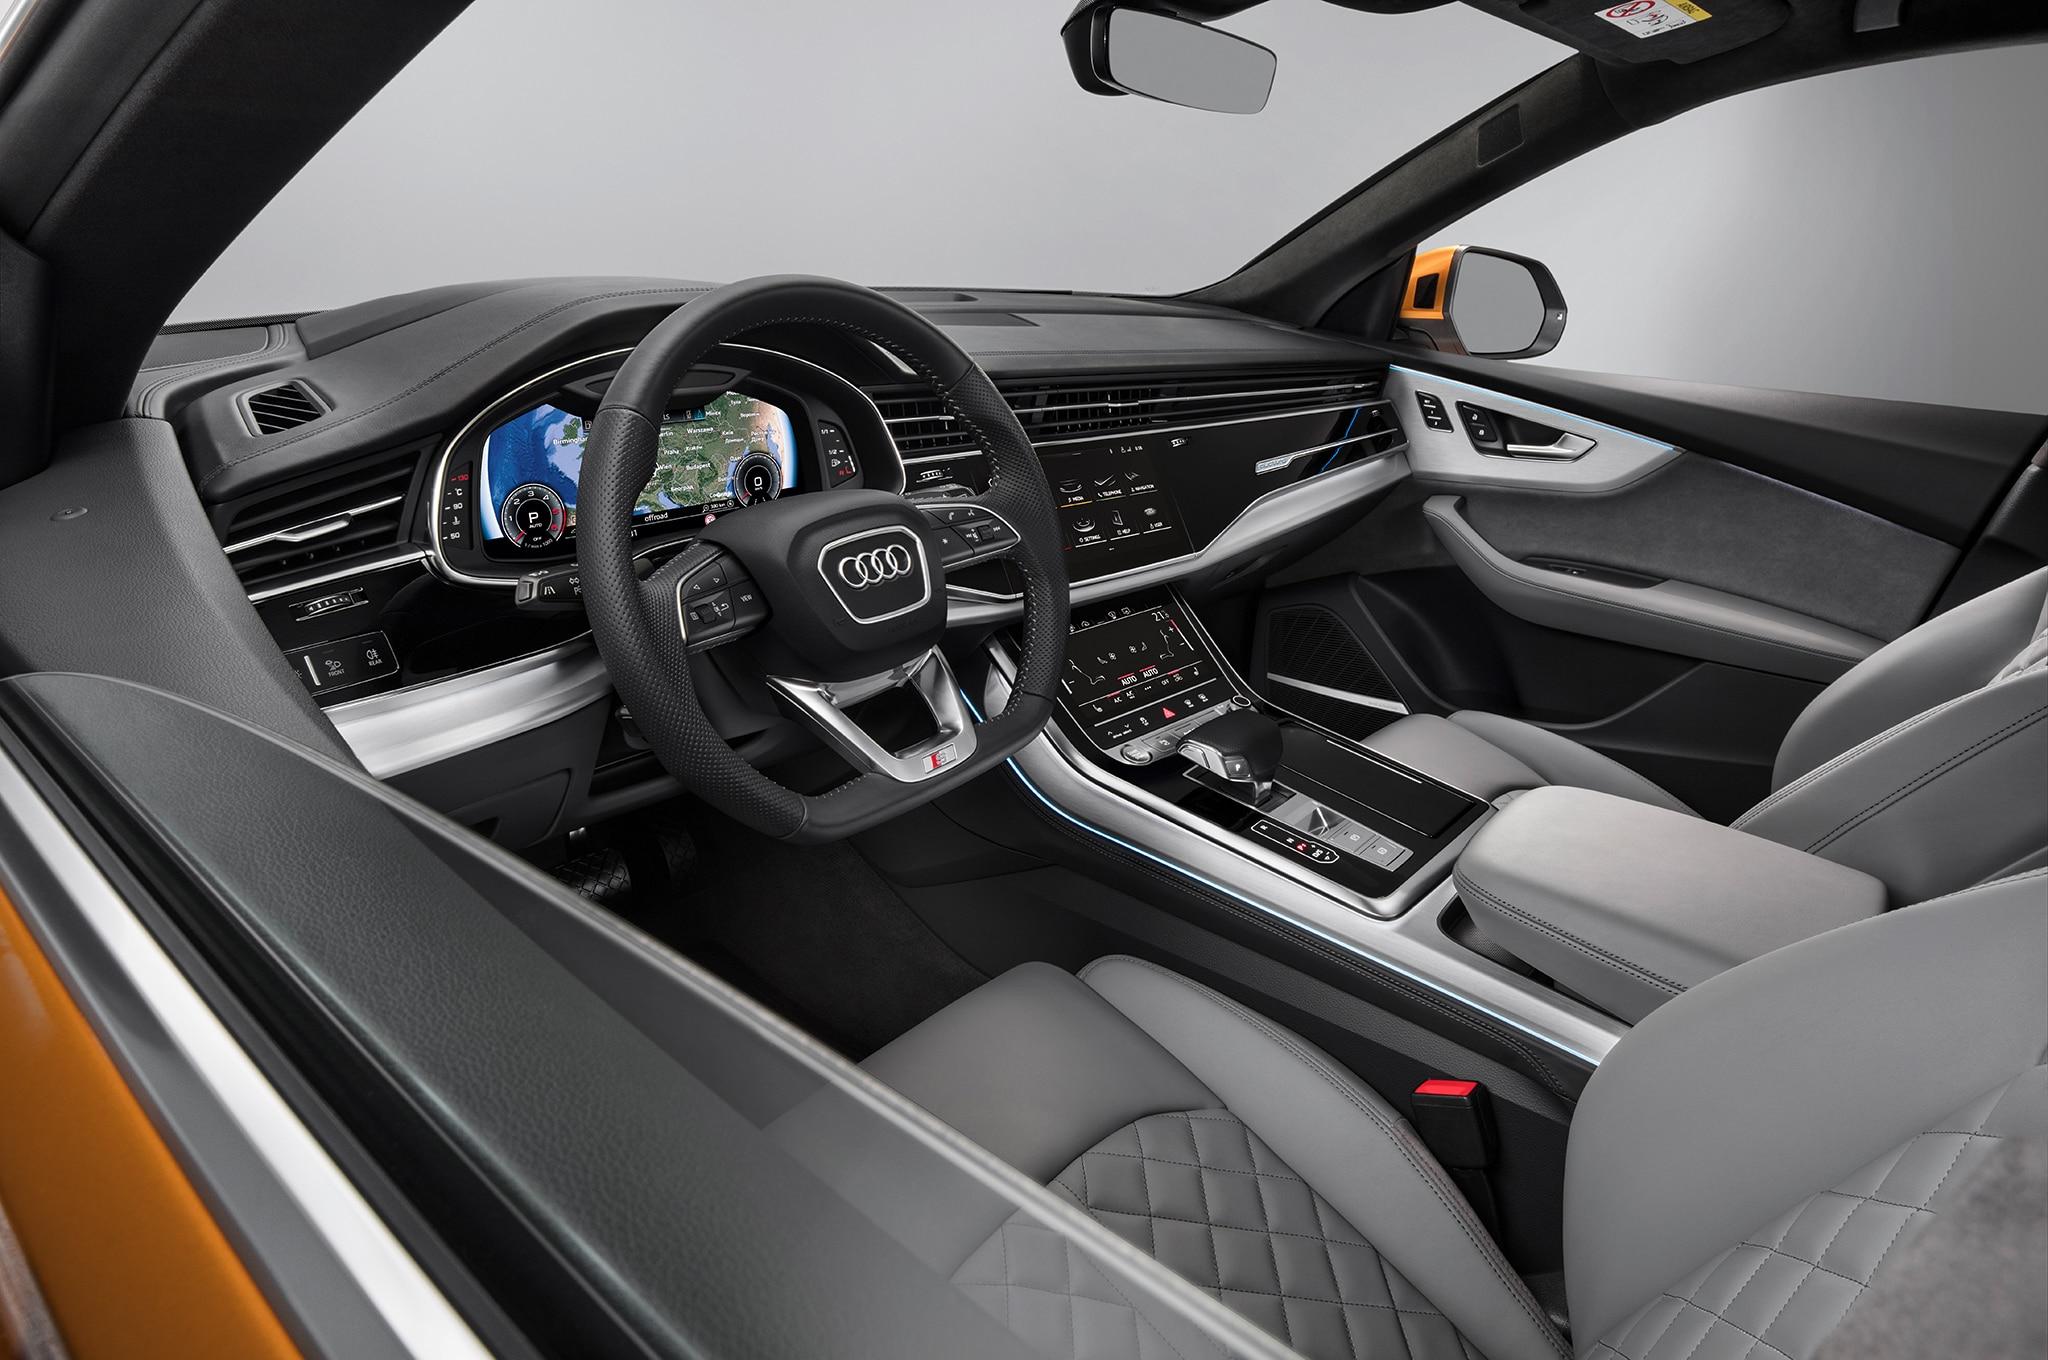 Audi Q Front Interior on 06 Dodge Durango